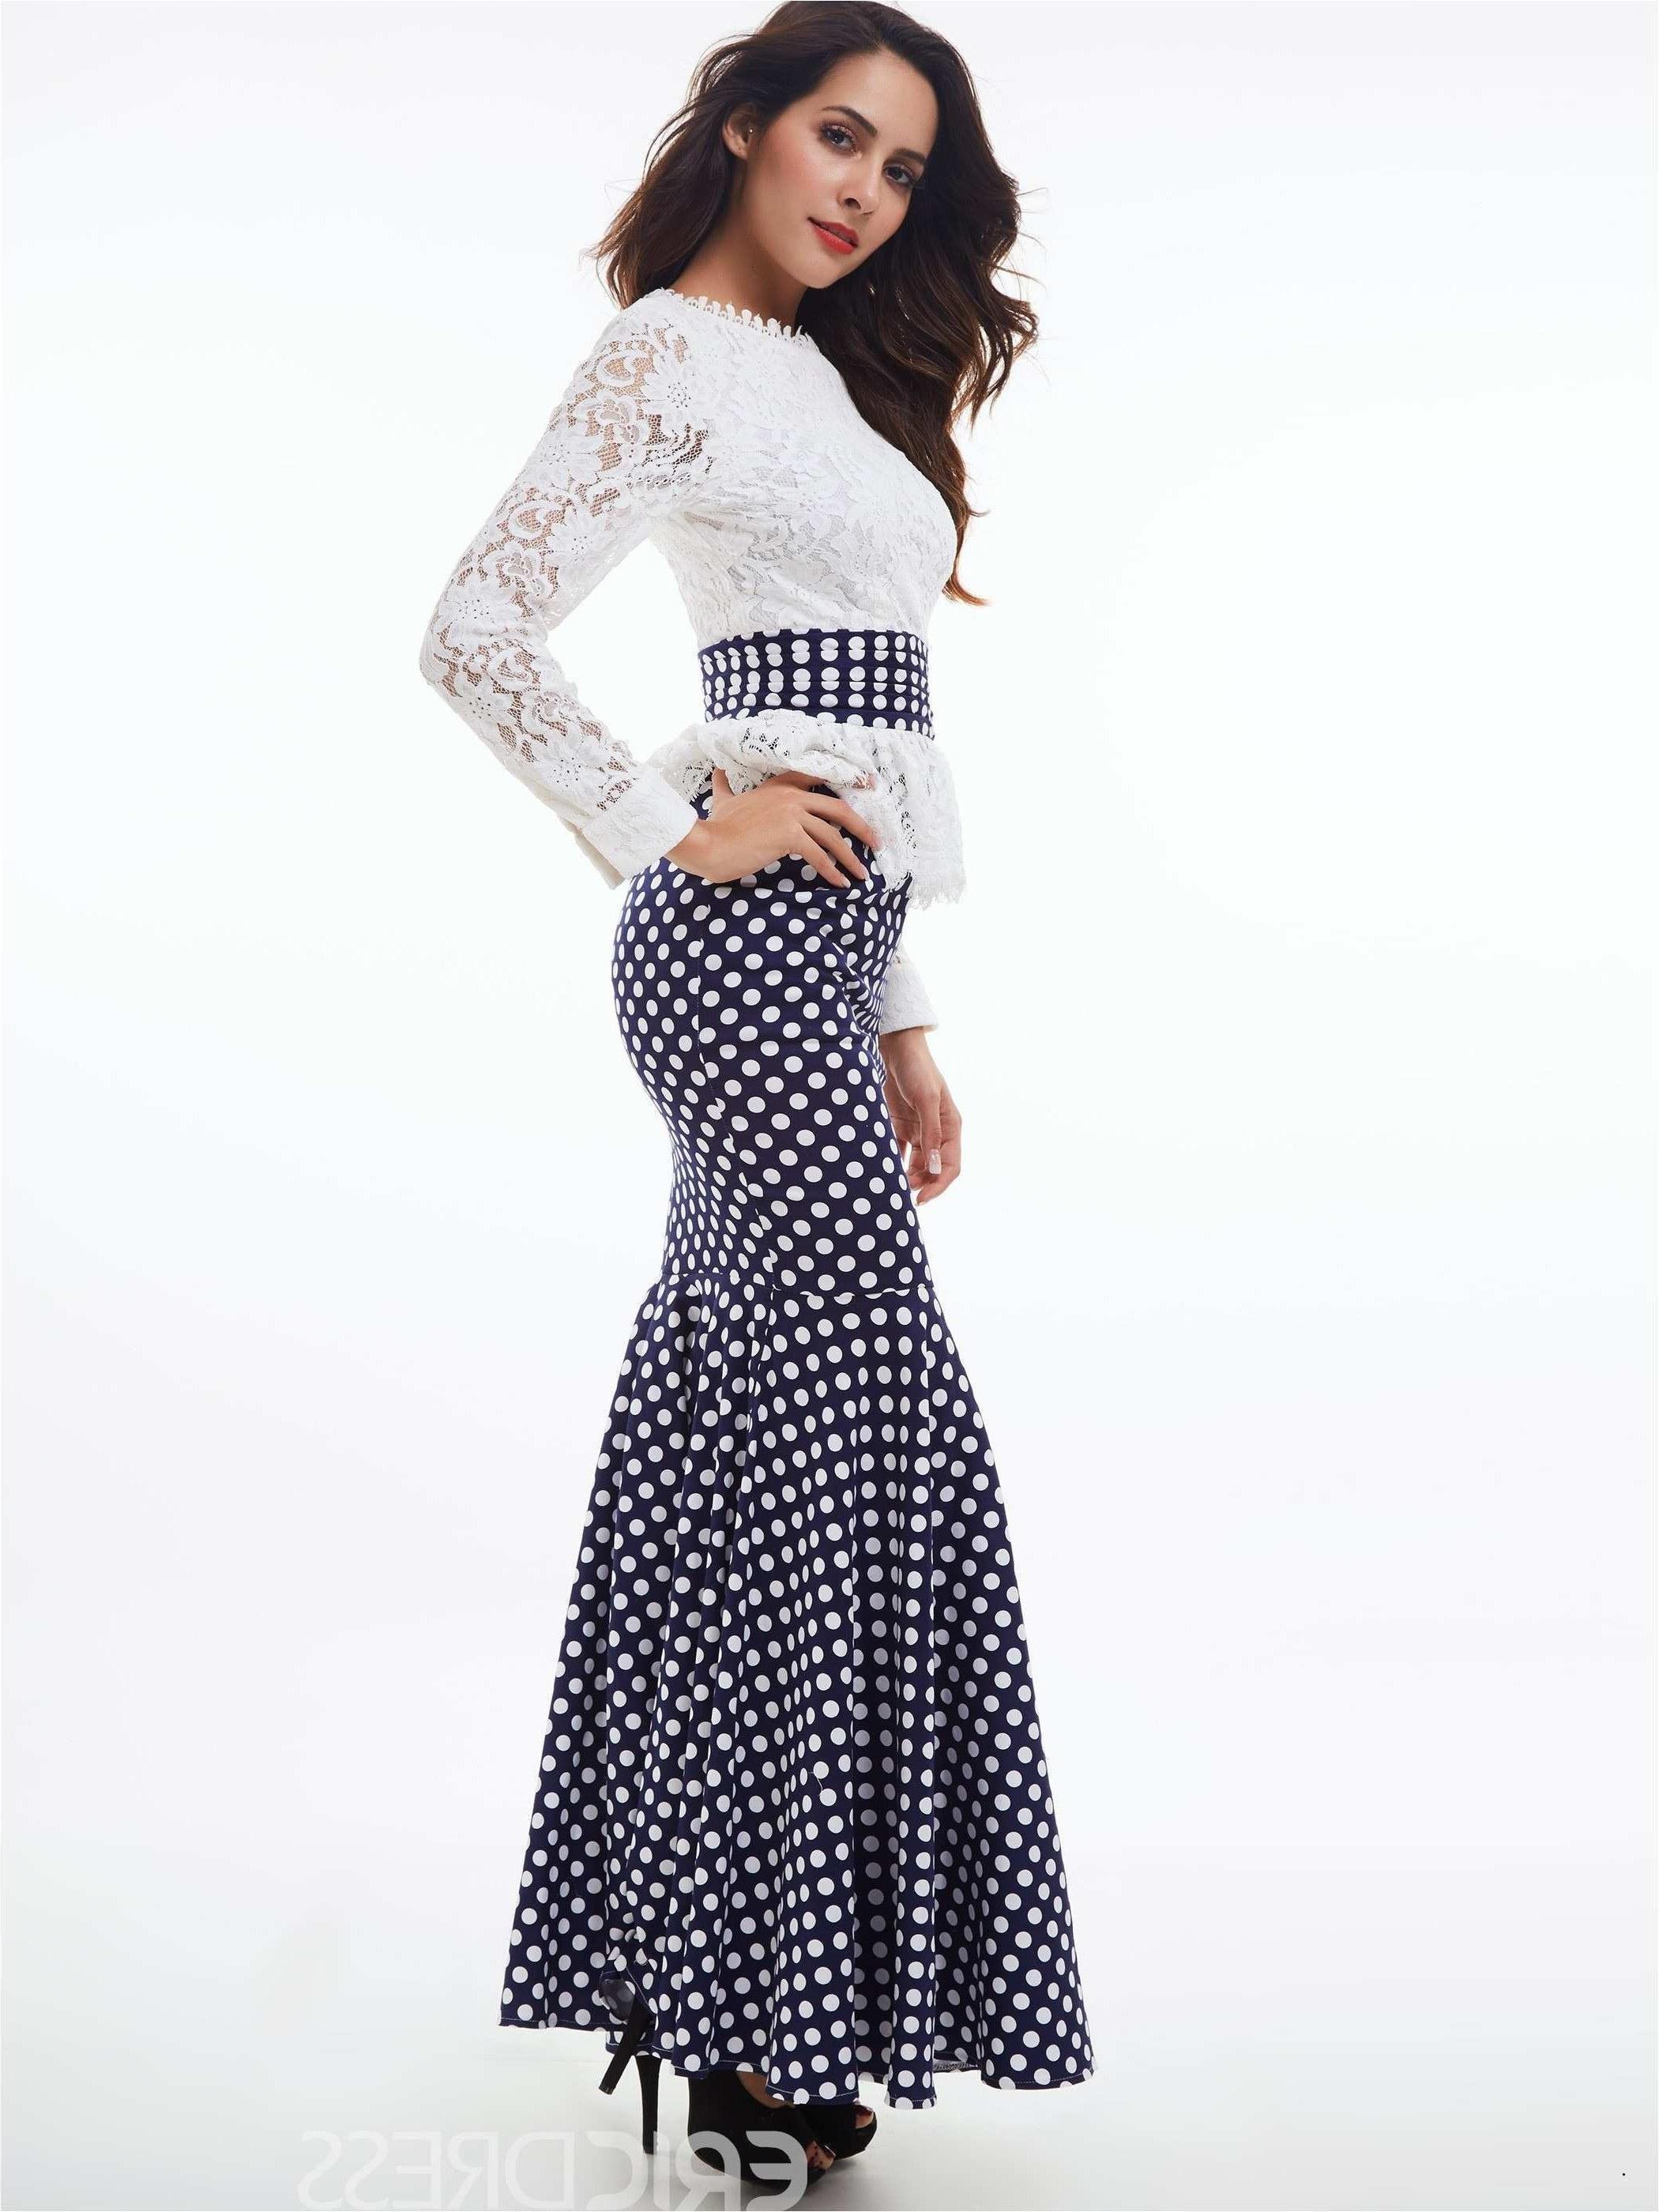 Inspirasi Model Baju Pengantin Muslim Terbaru H9d9 Ecehispanic